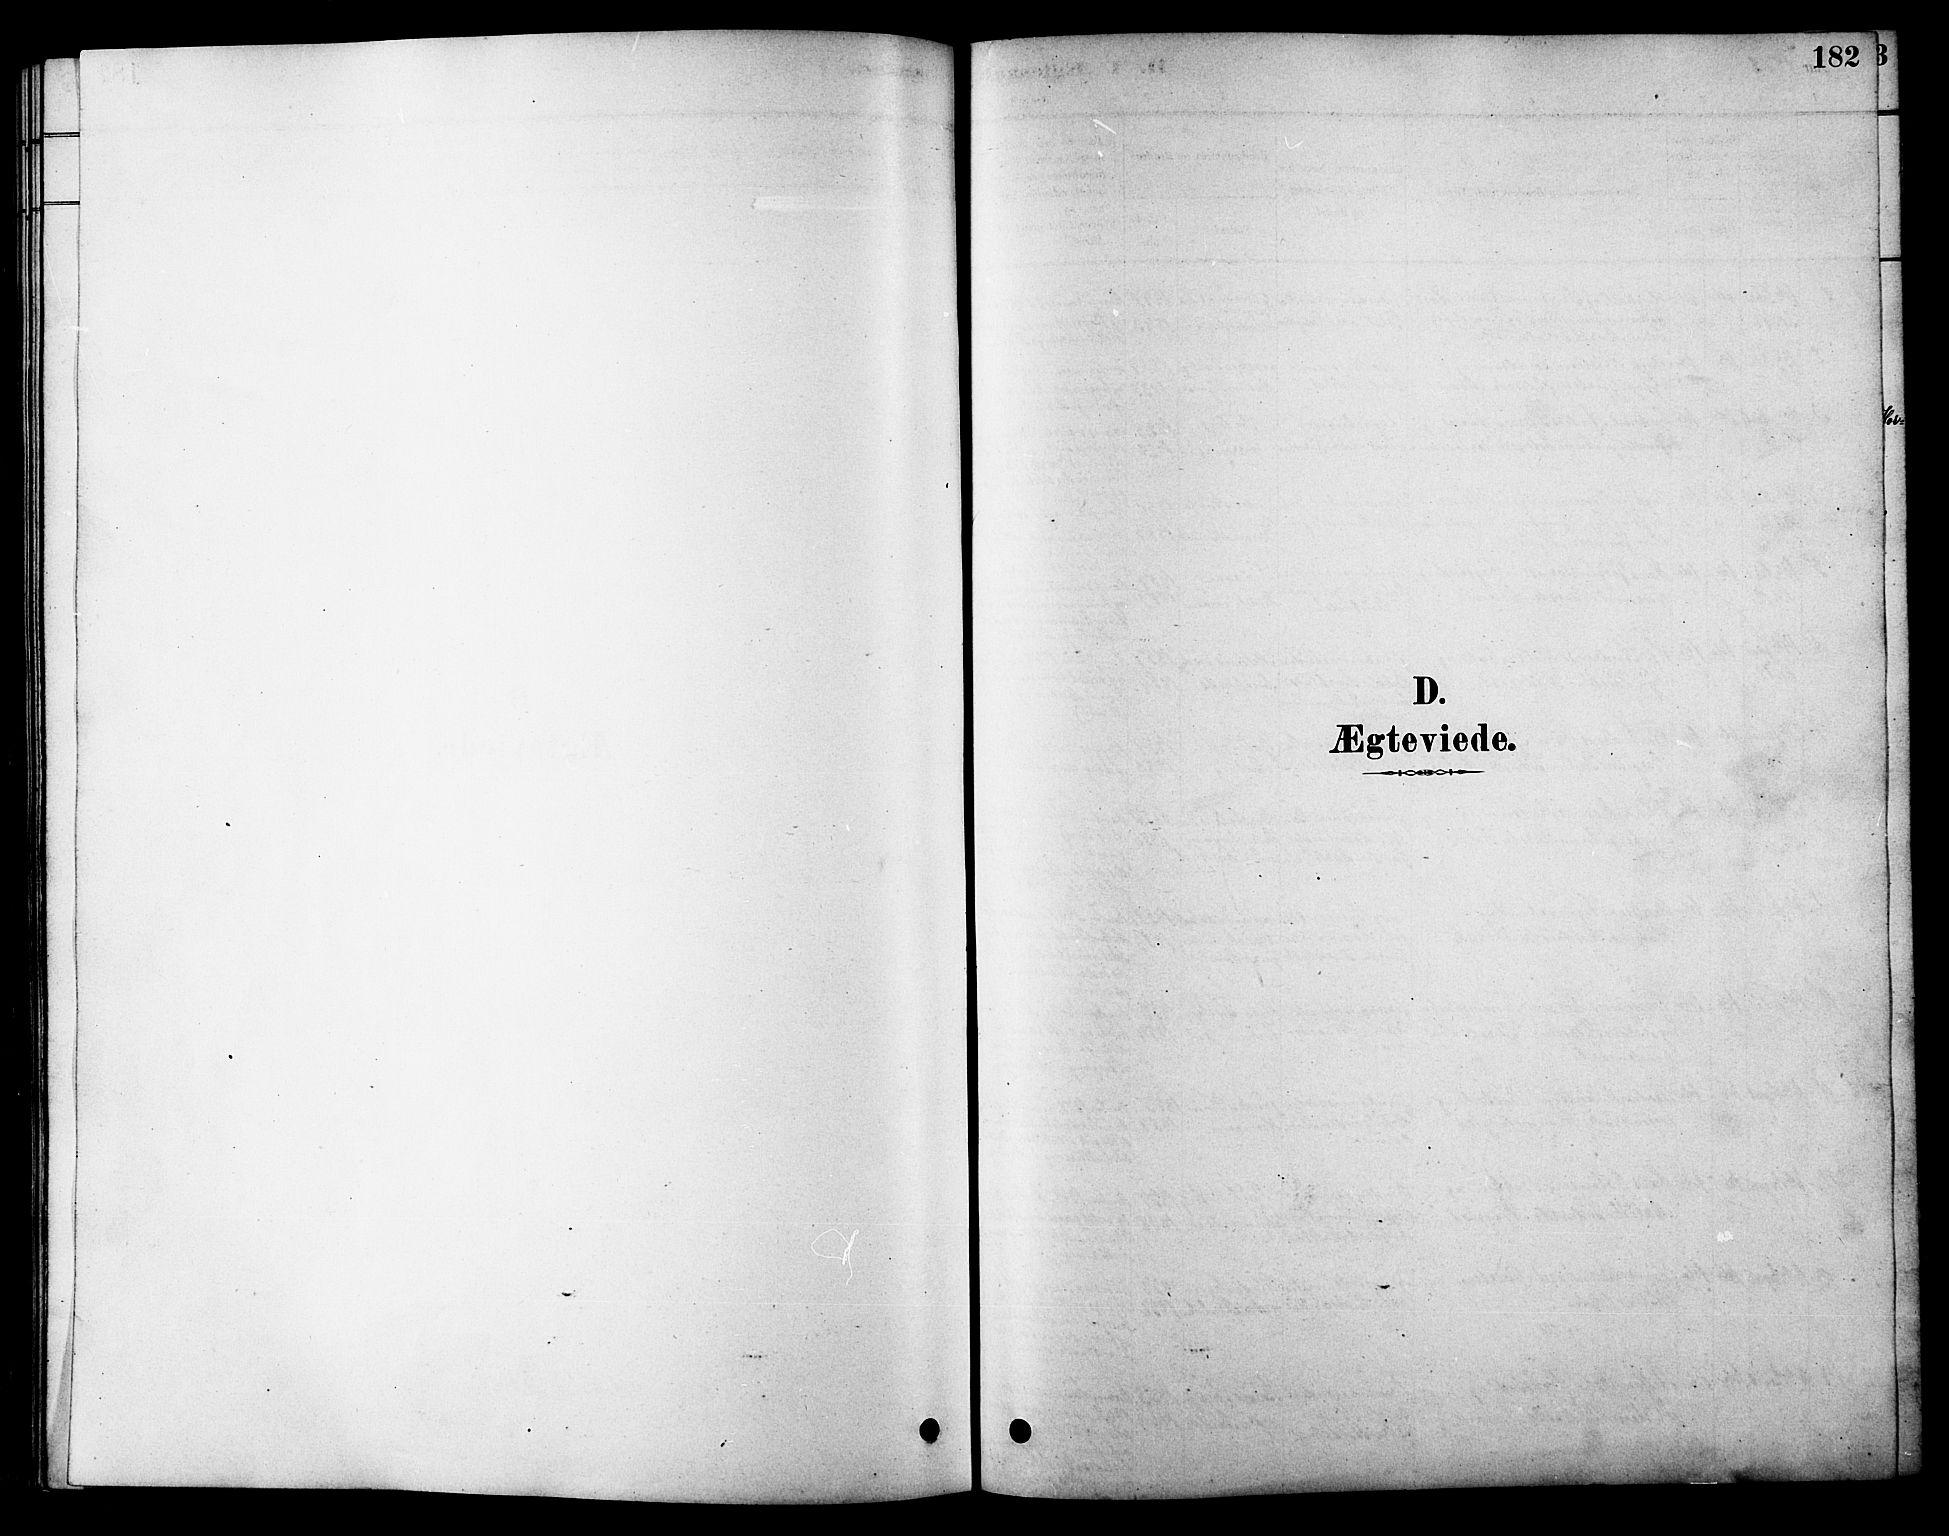 SAT, Ministerialprotokoller, klokkerbøker og fødselsregistre - Sør-Trøndelag, 616/L0423: Klokkerbok nr. 616C06, 1878-1903, s. 182